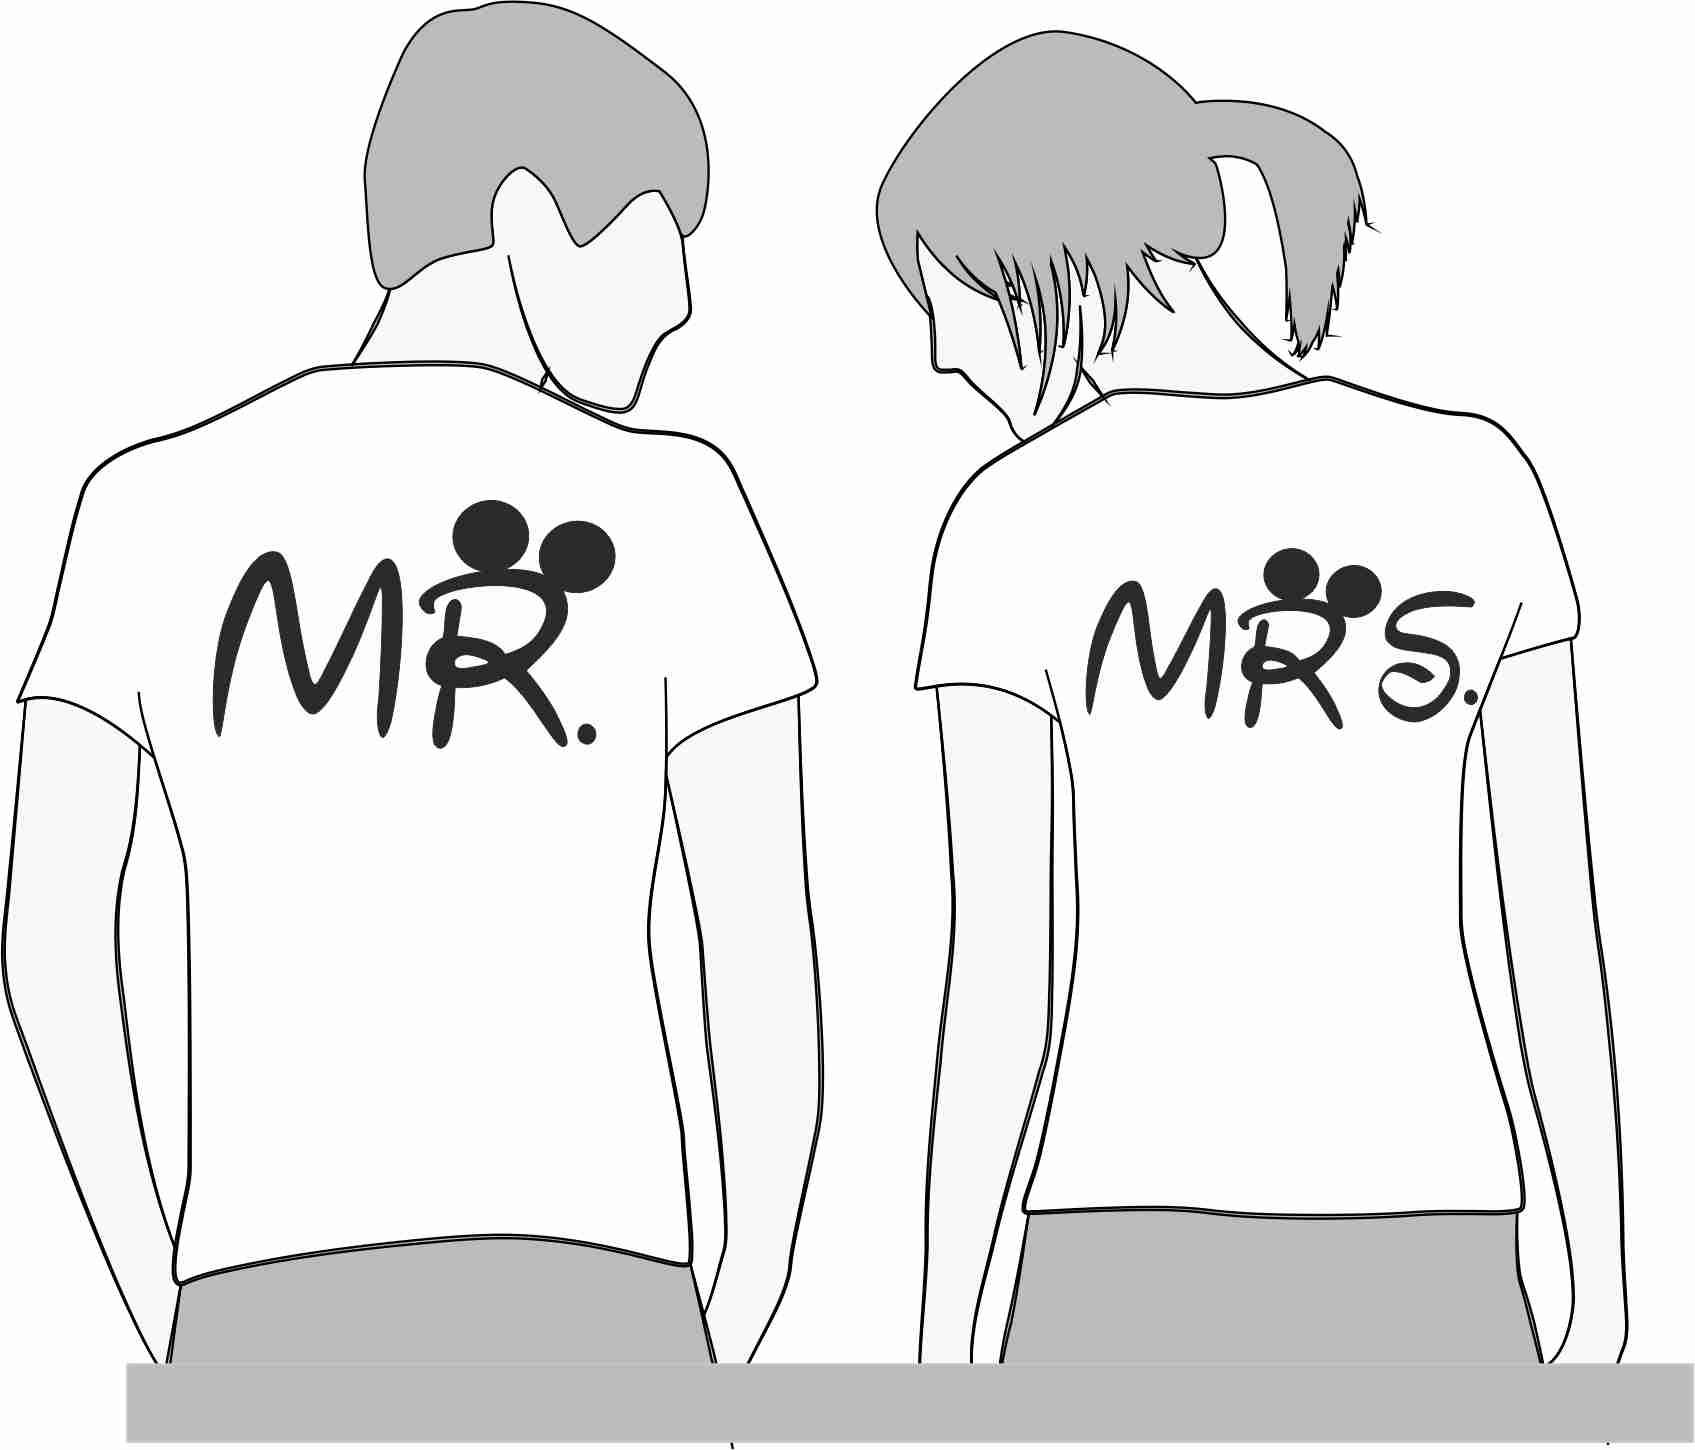 Мистер и Миссис